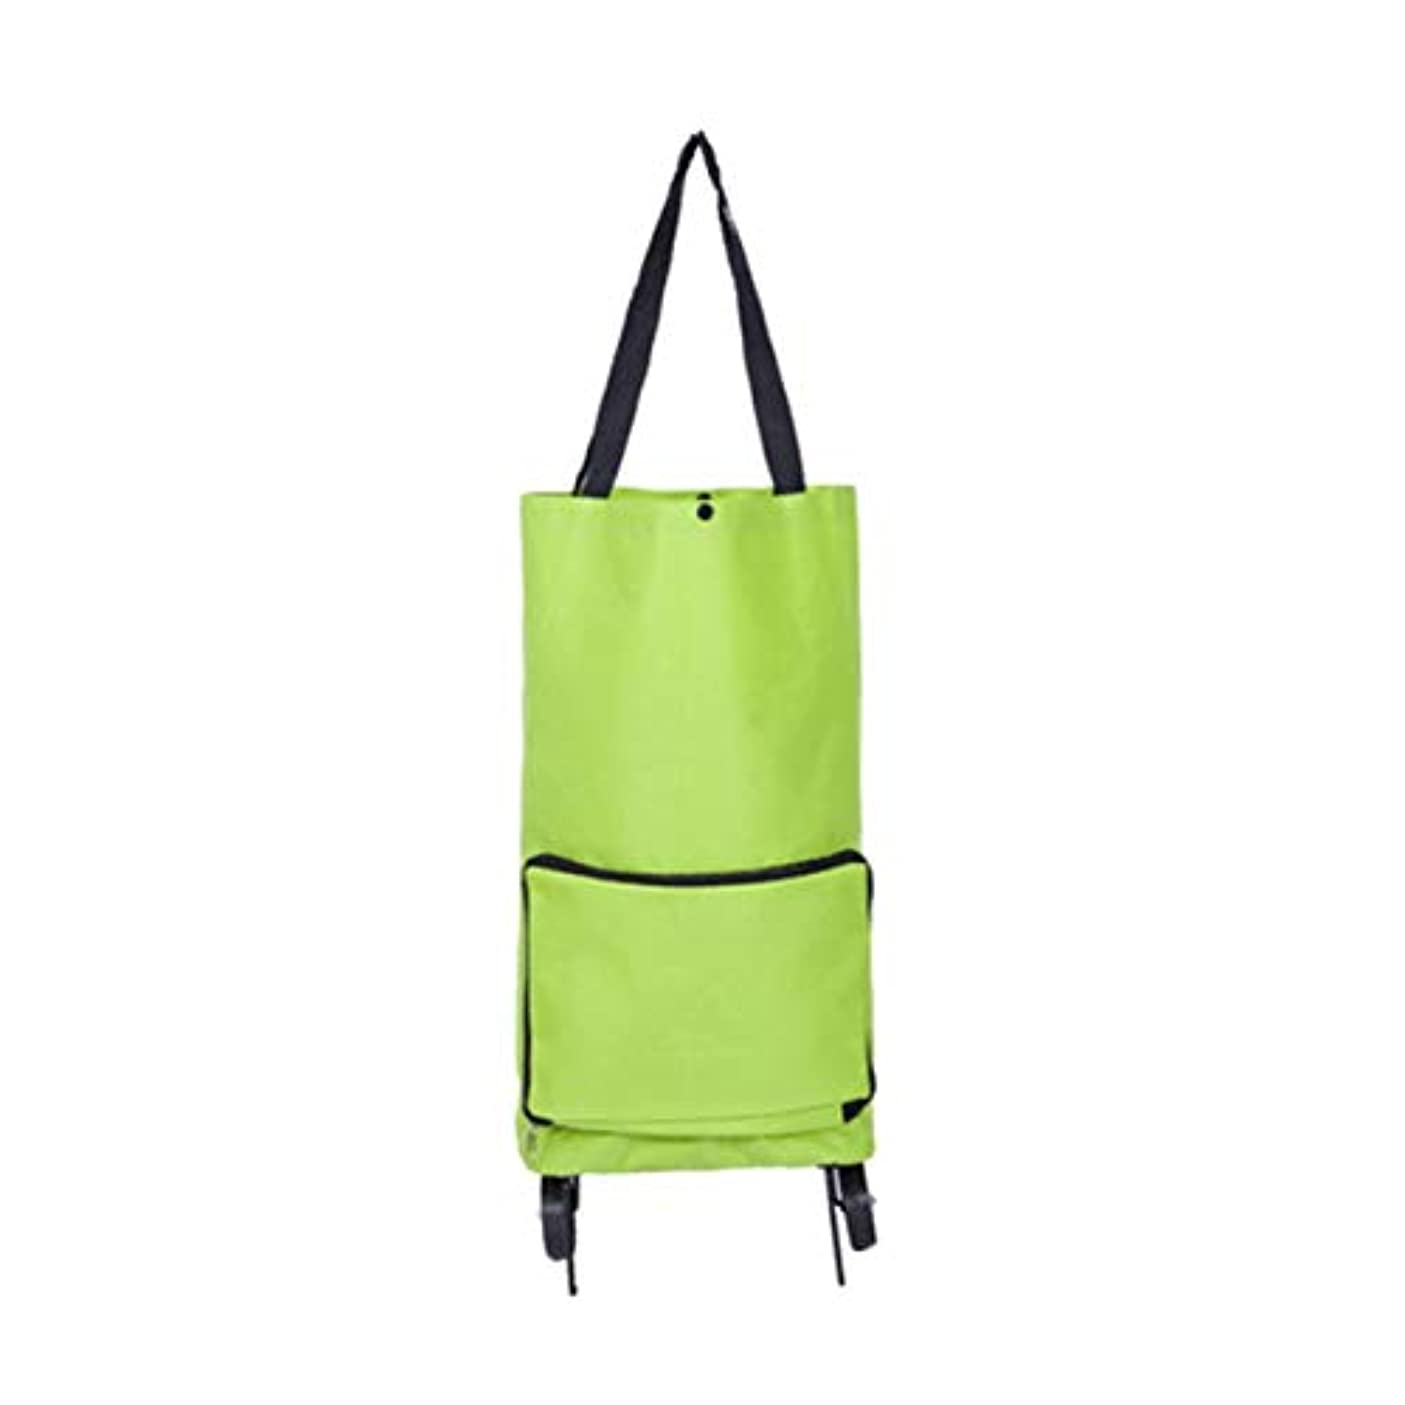 かどうかオーストラリア一致Saikogoods 多機能防水オックスフォード布折り畳み式SupermarkerショッピングトロリーホイールバッグTravalカート荷物バッグ 緑